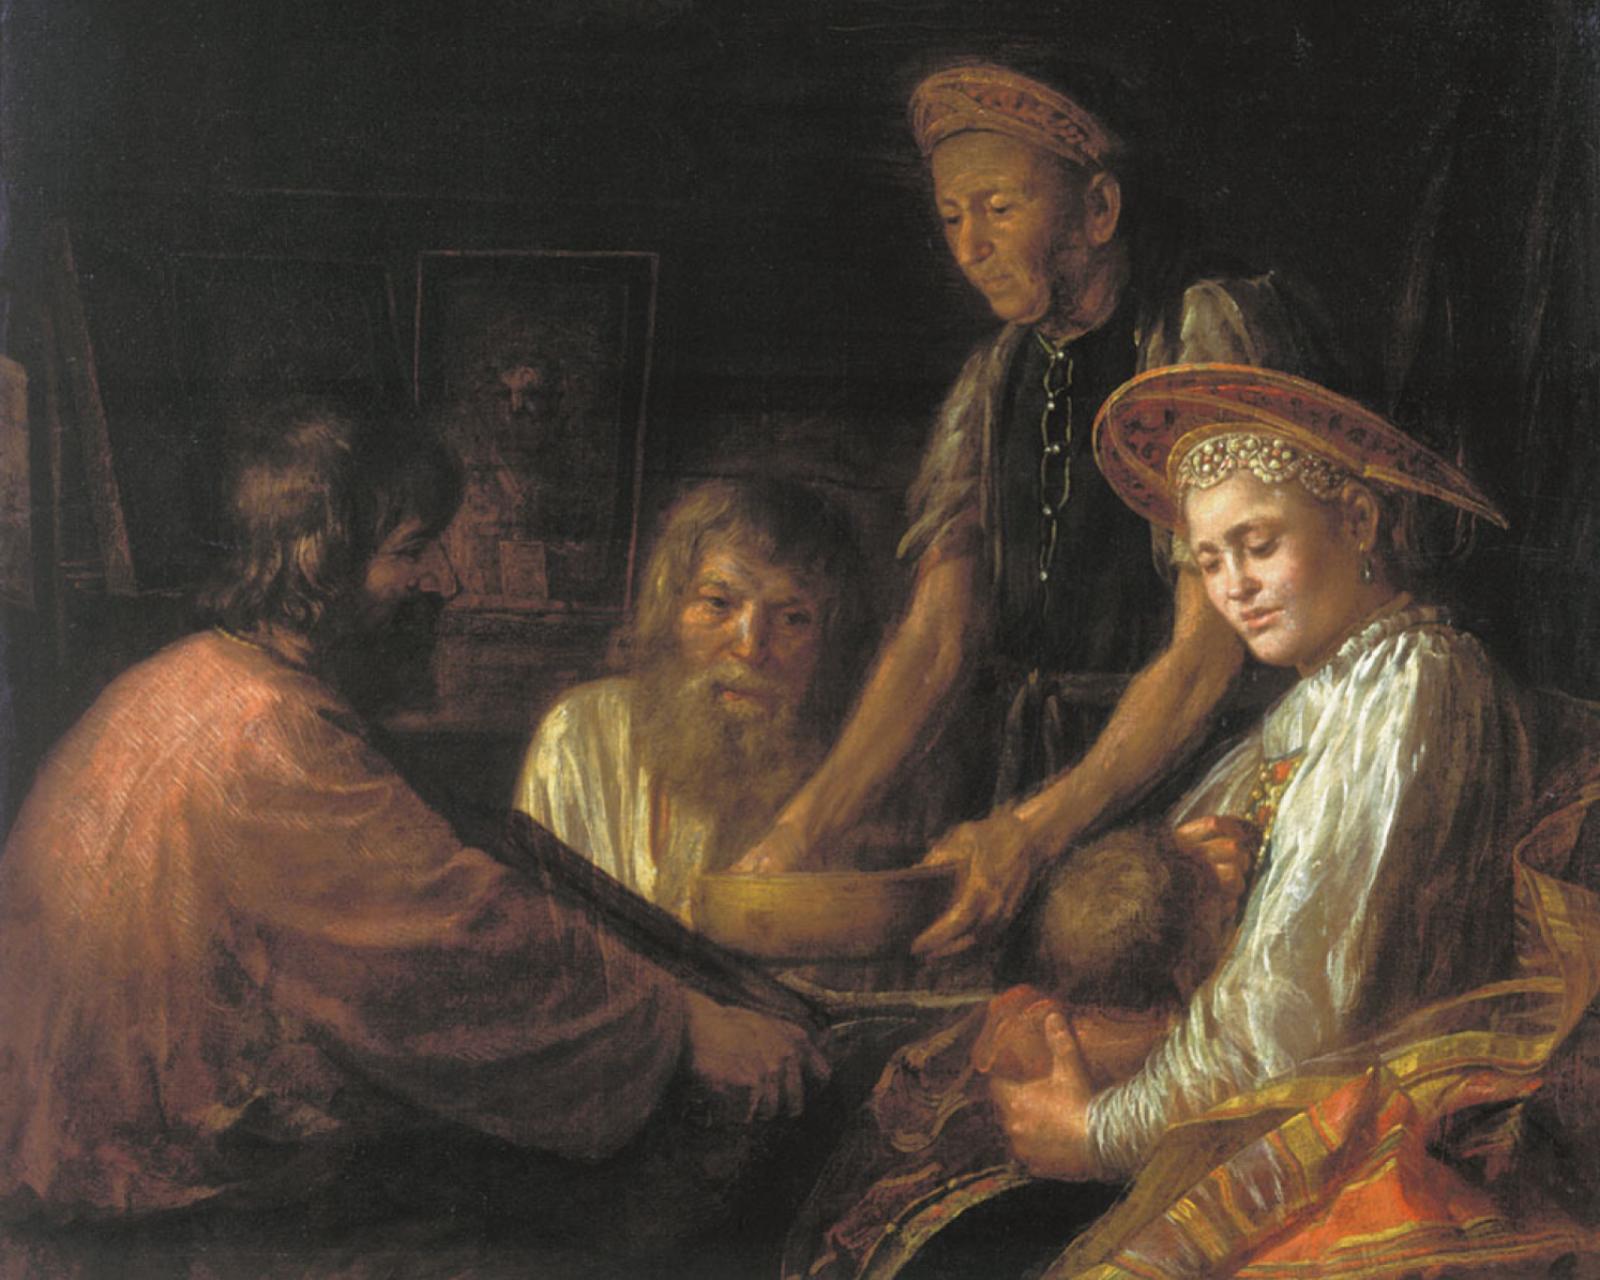 М. Шибанов. Крестьянский обед. 1774 г.